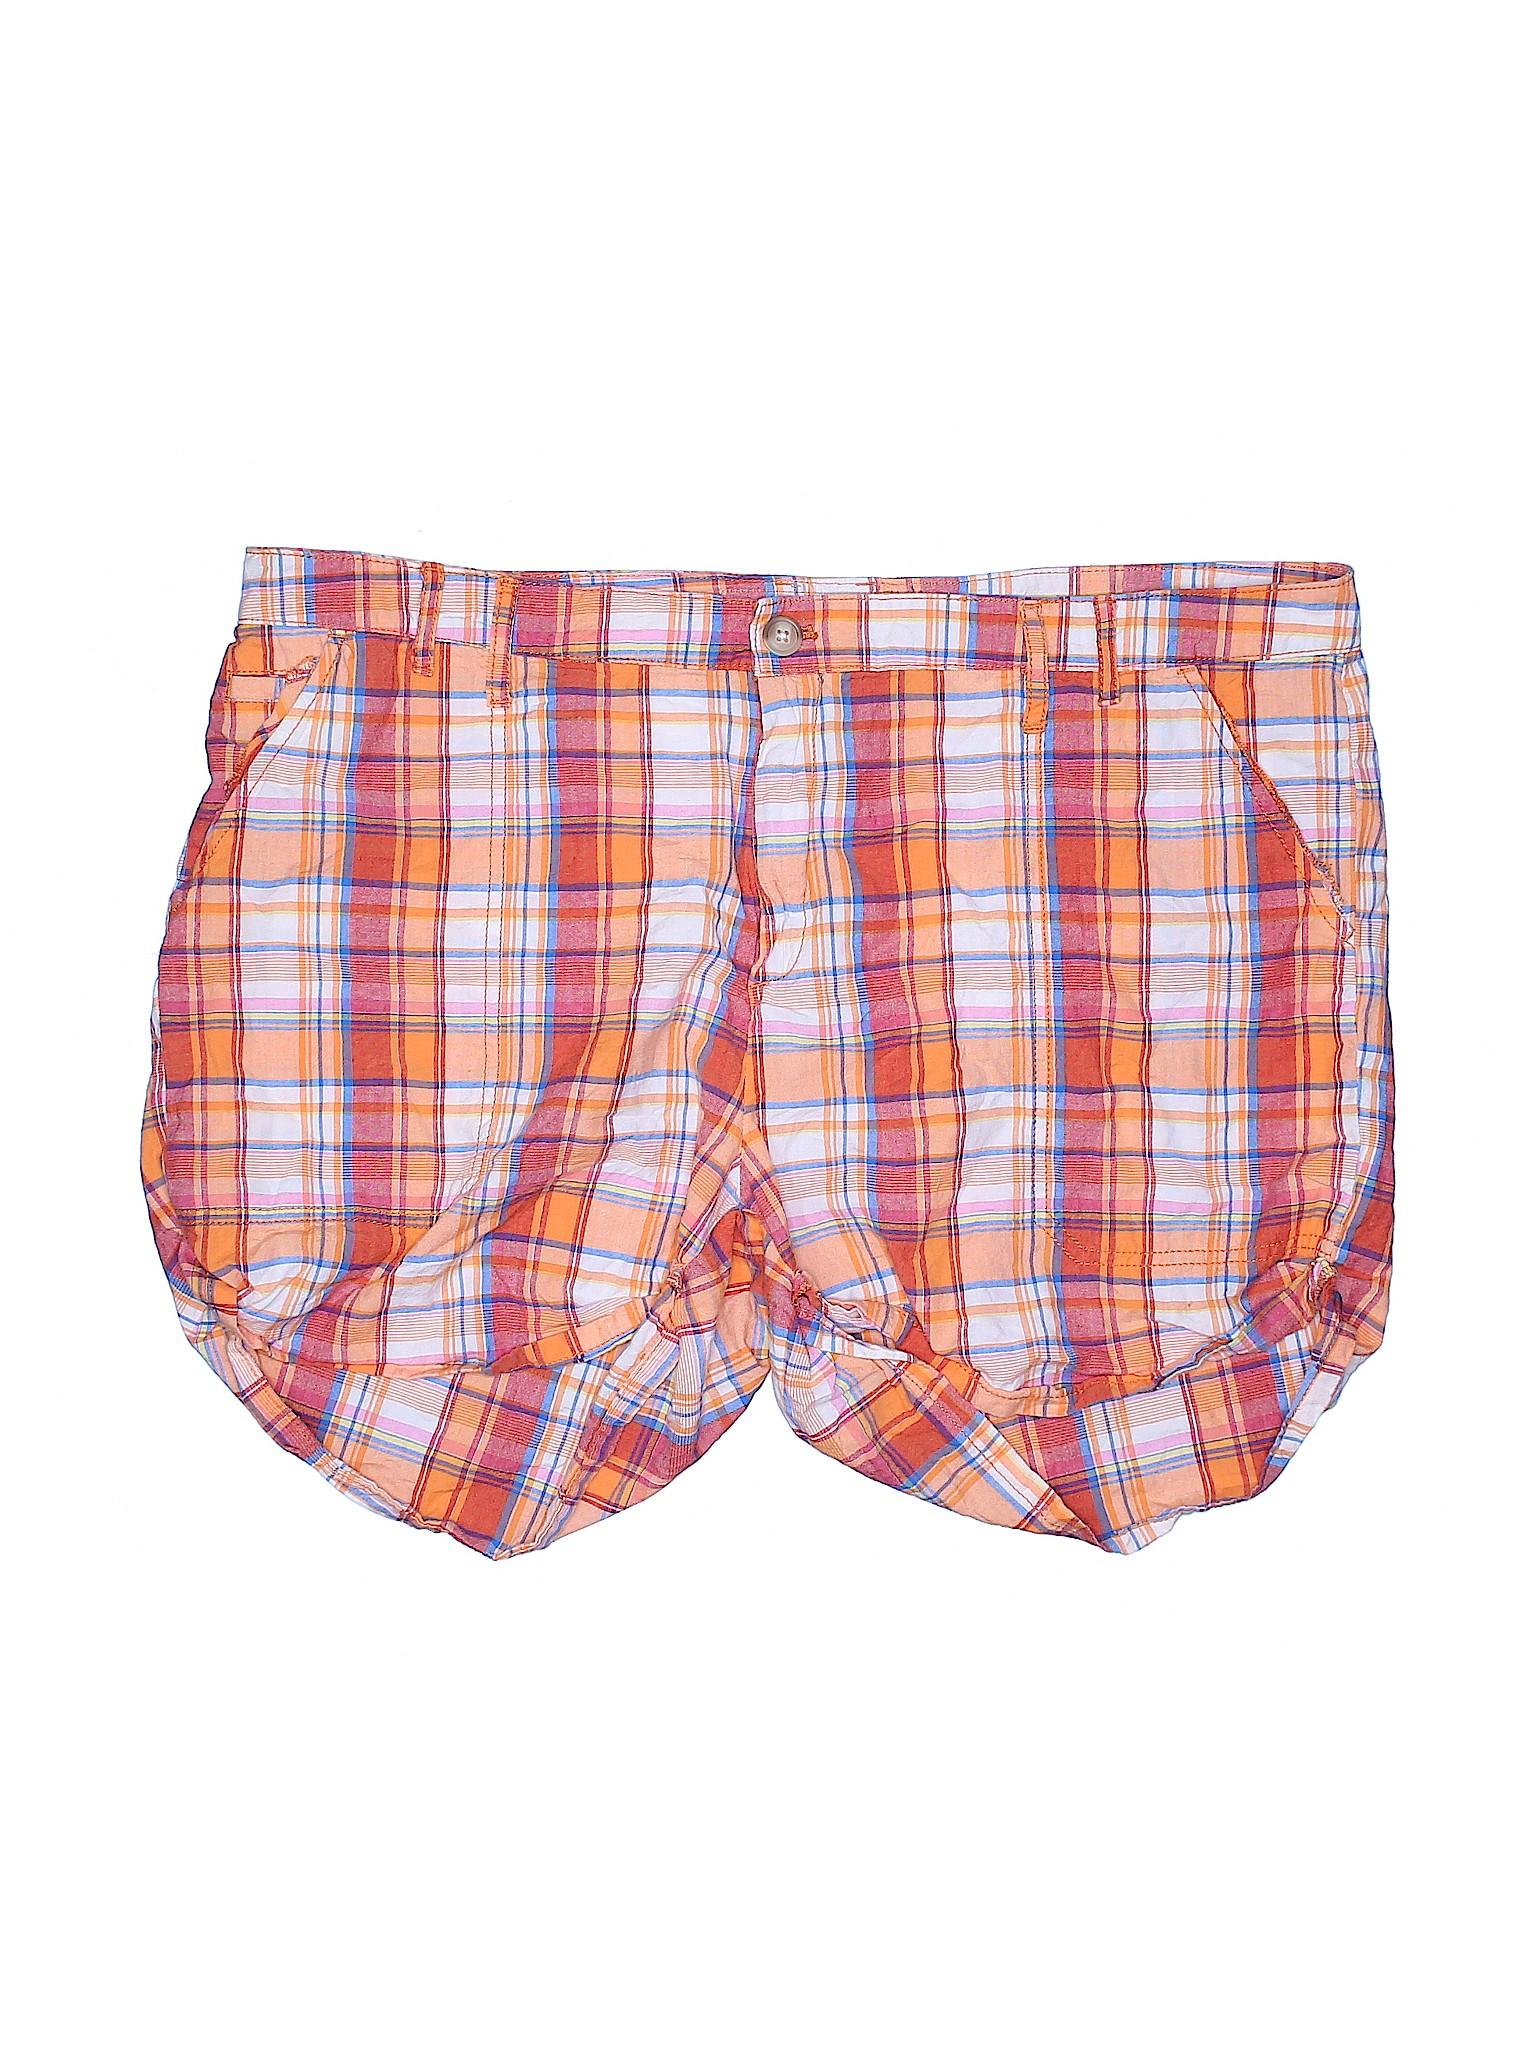 Outlet Khaki Shorts Boutique Gap leisure n0gqExYwPZ